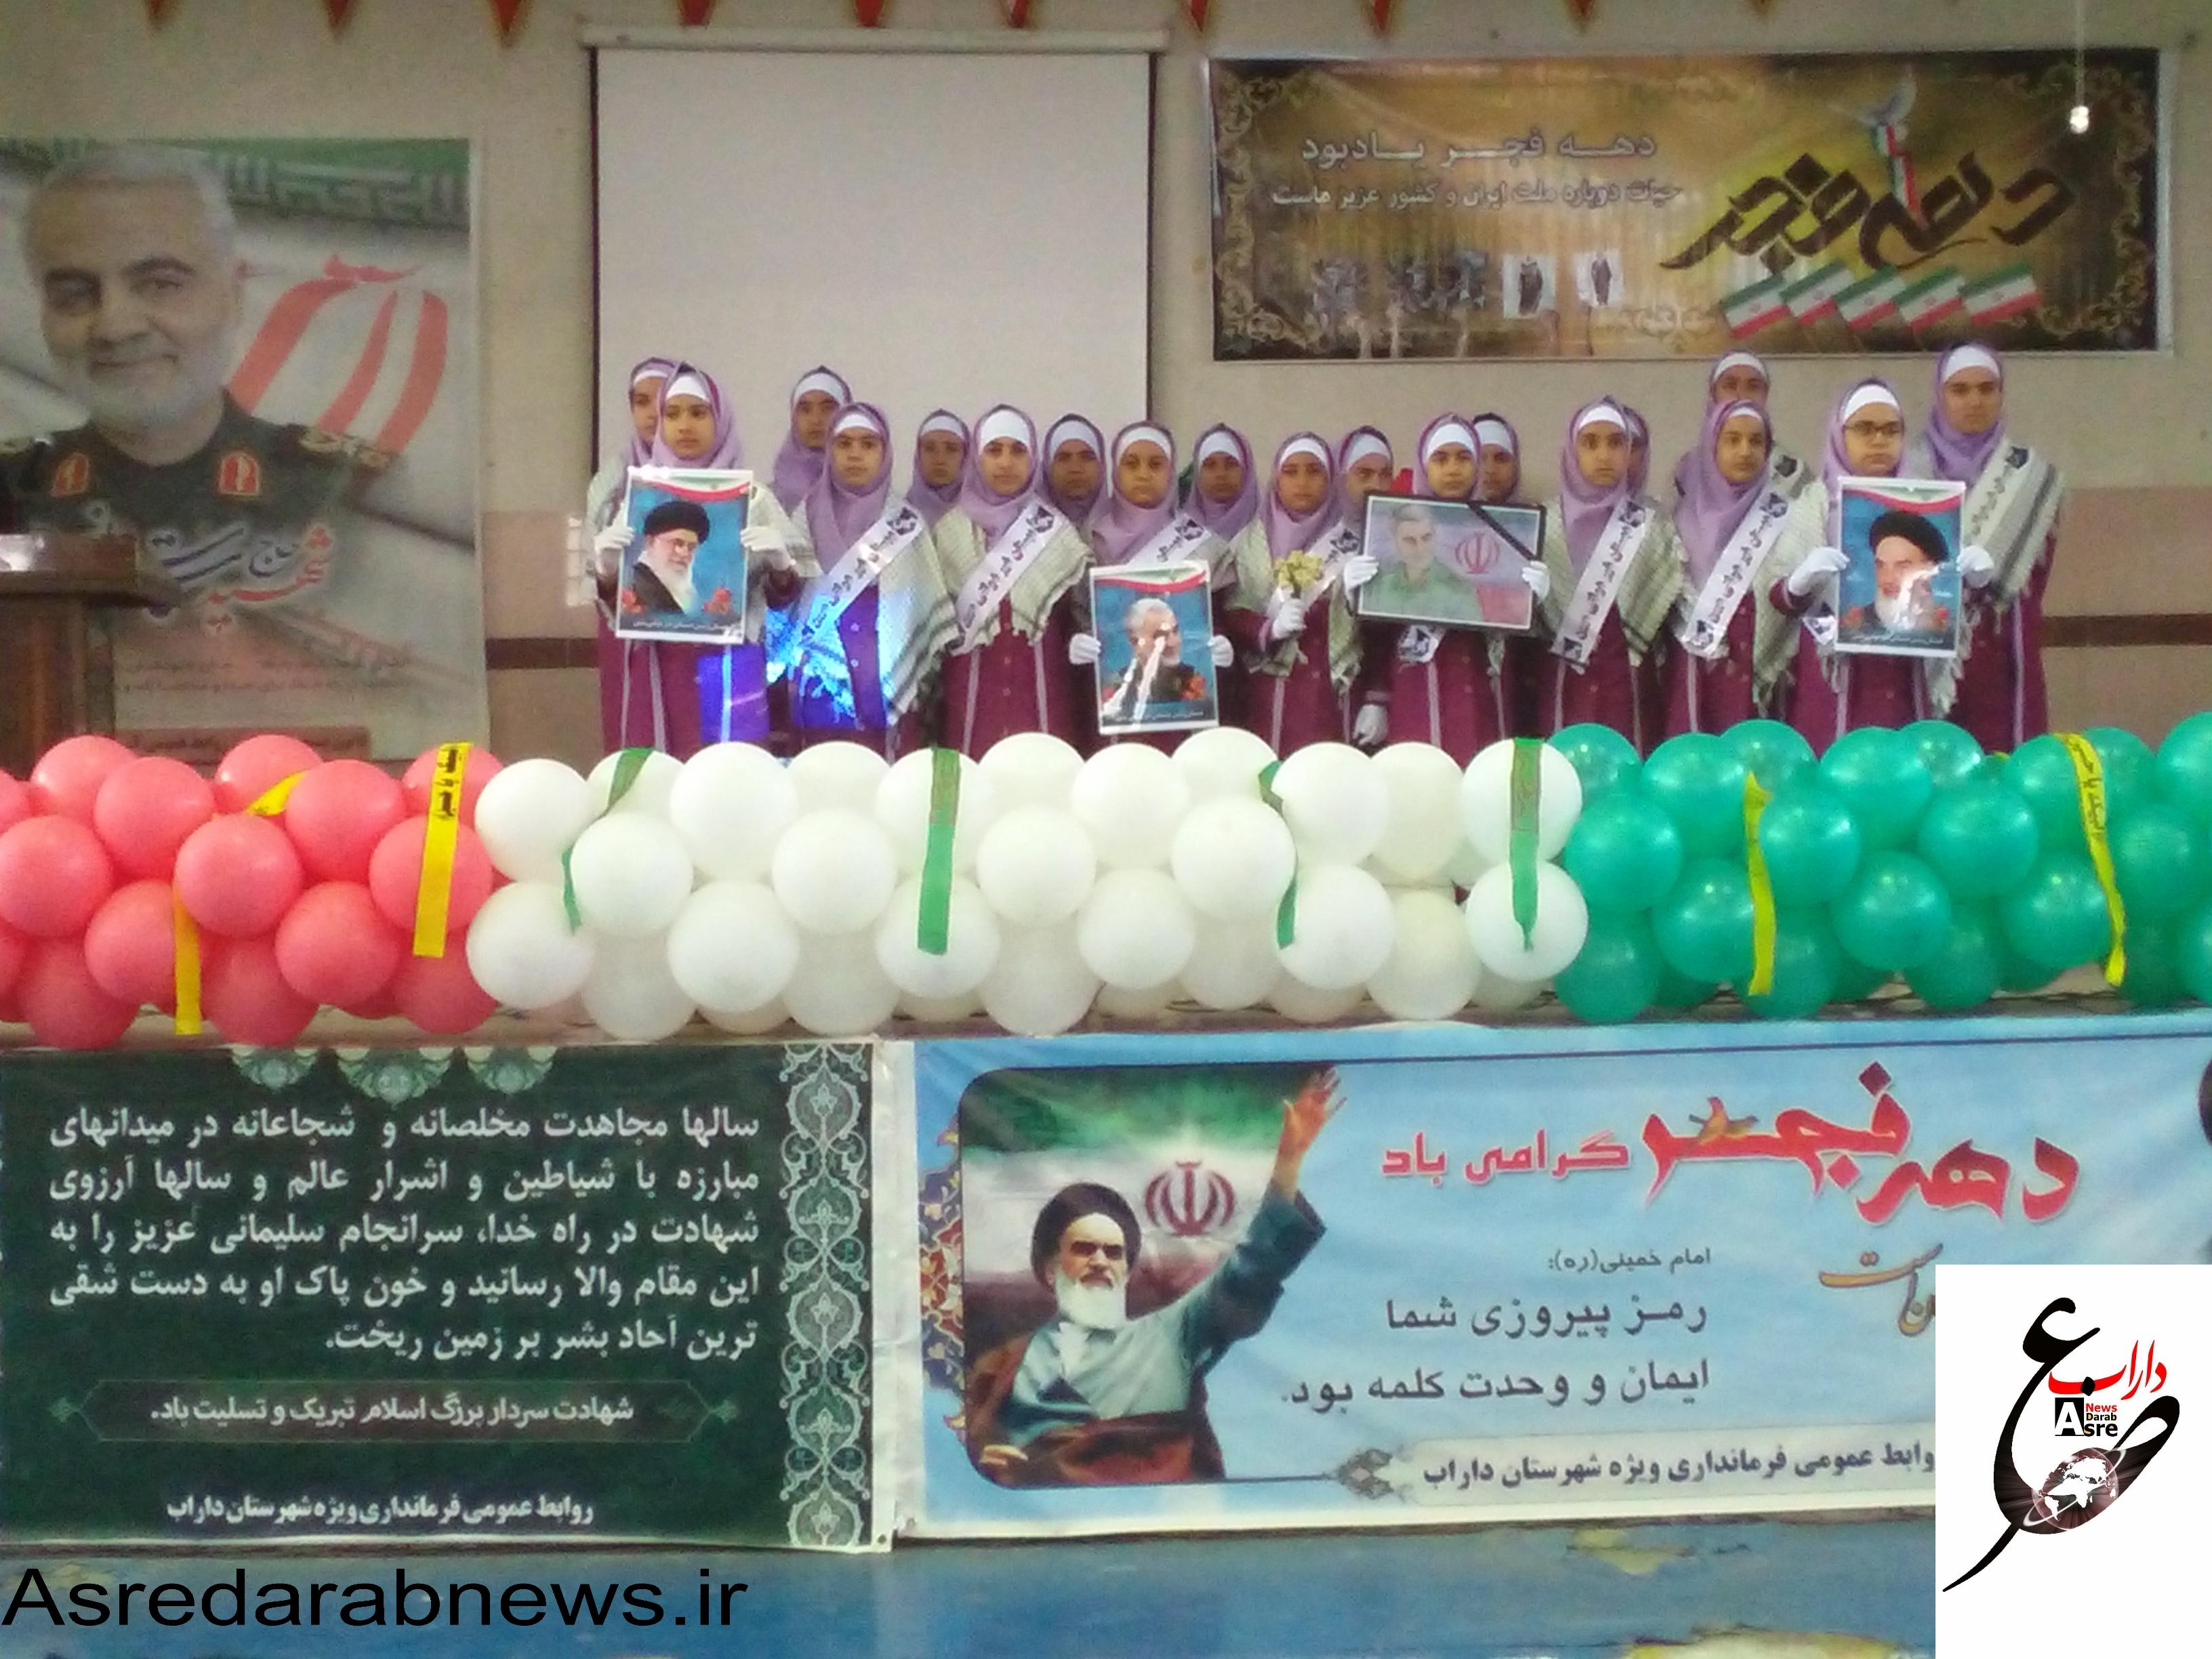 تجمع ۲۰۰۰ نفری دختران سلیمانی، بانوان انقلابی //گزارش تصویری